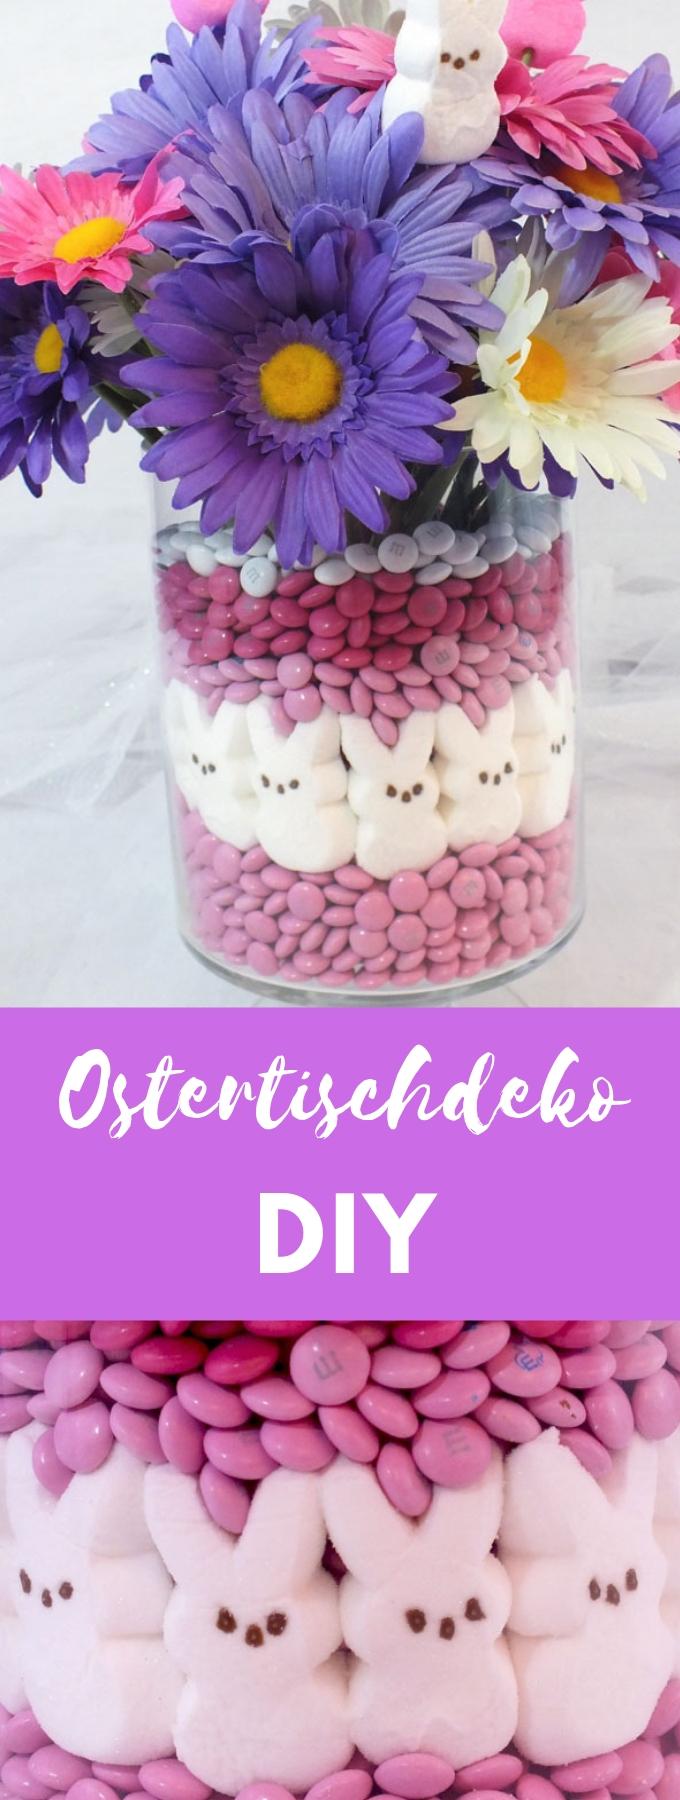 DIY Ostertischdeko Ideen mit Bonbons und Blumen